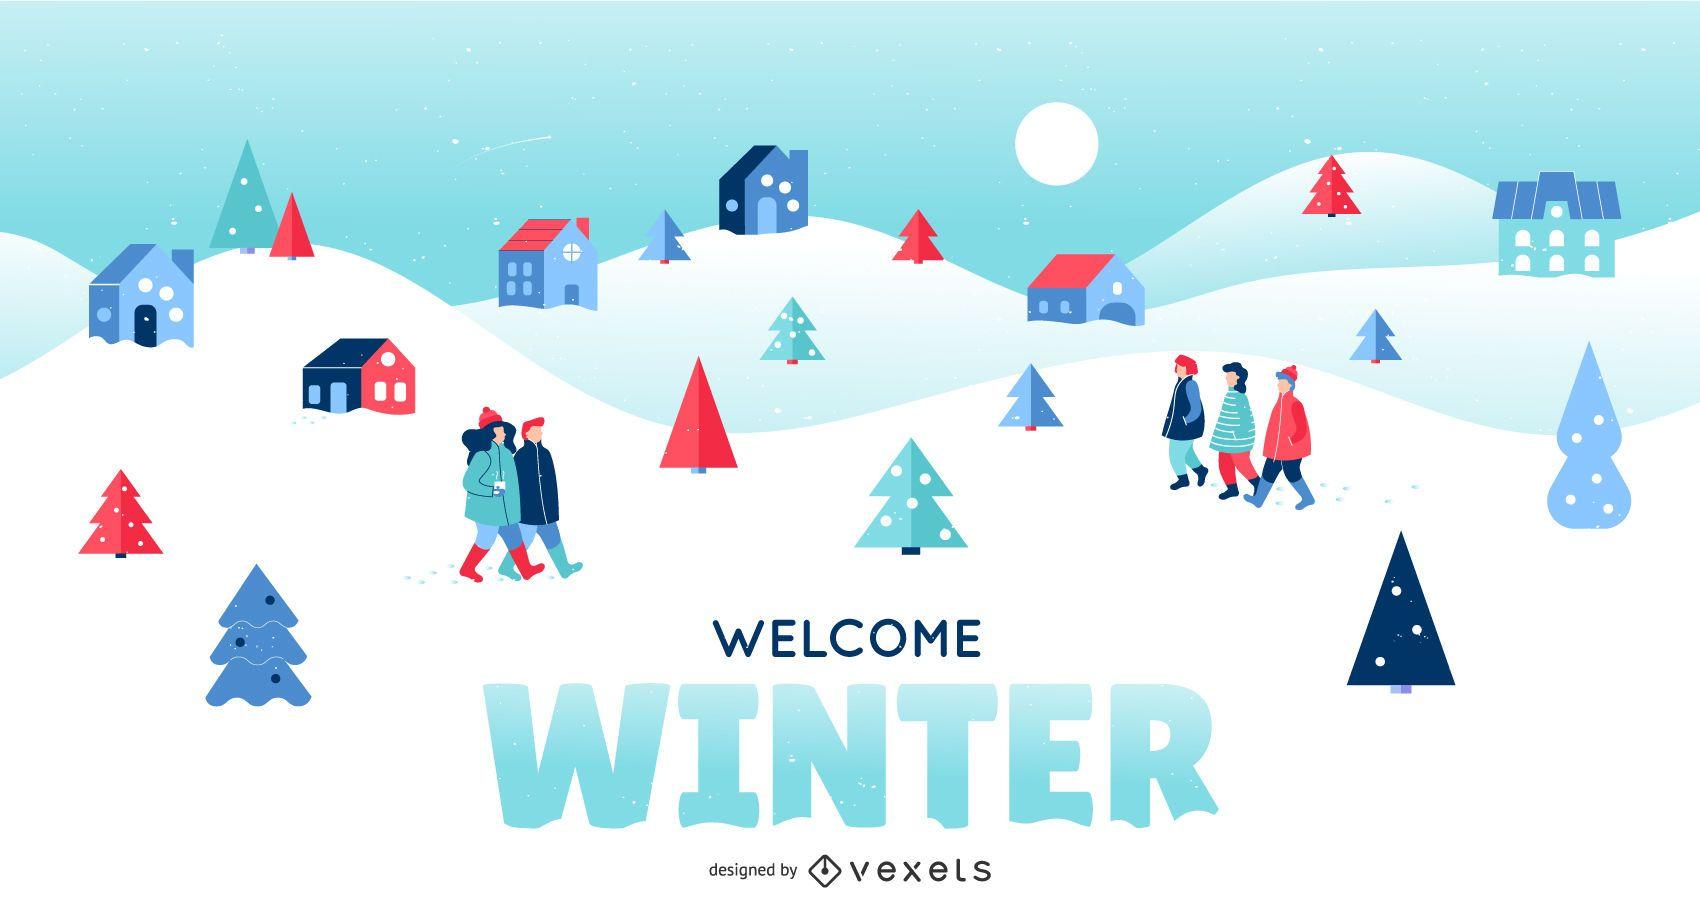 Welcome Winter Landscape Illustration